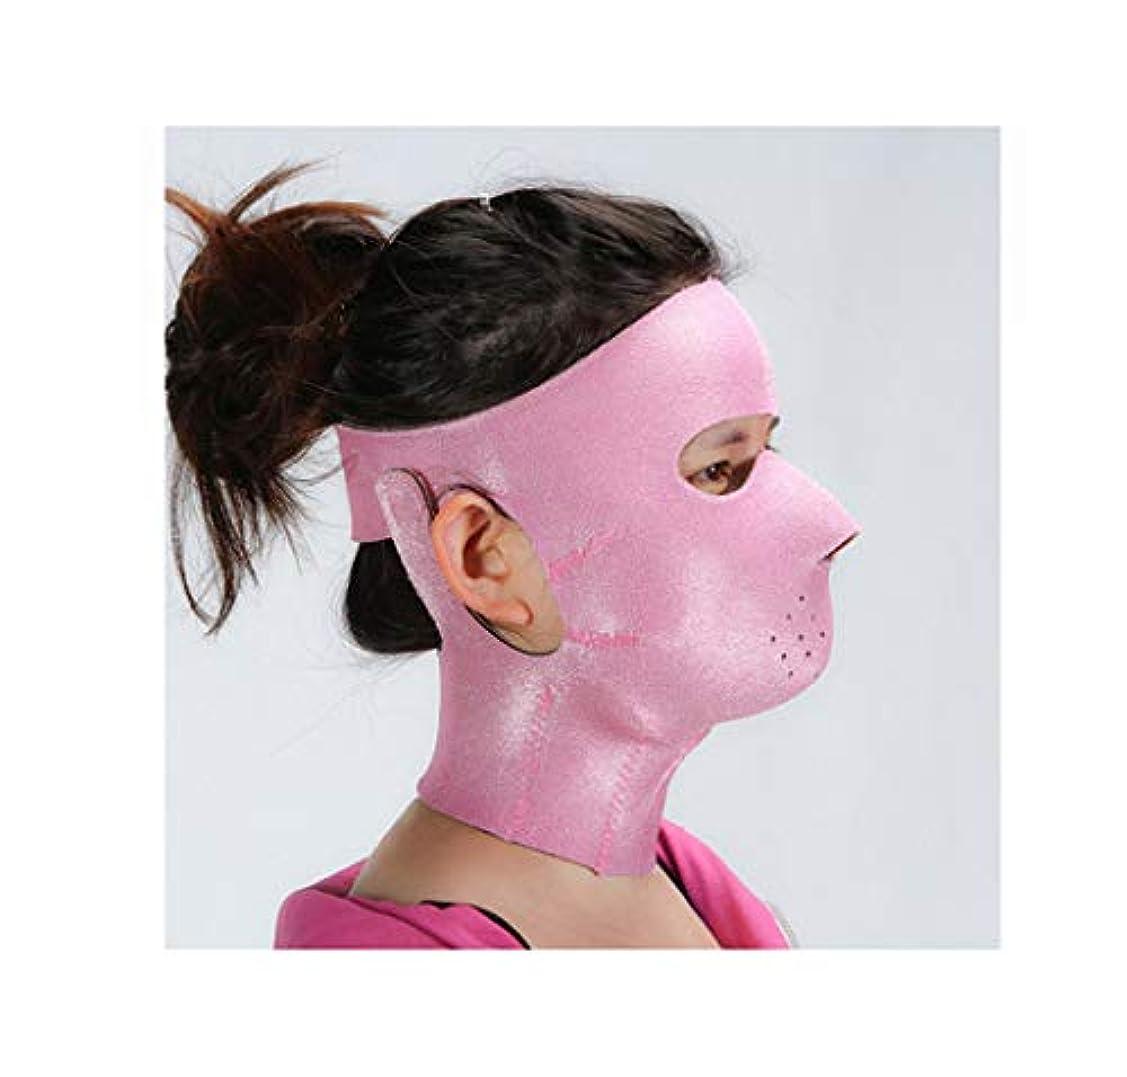 美しい賞賛エクスタシーフェイスリフトマスク、フェイシャルマスクプラス薄いフェイスマスクタイトアンチたるみシンフェイスマスクフェイシャル薄いフェイスマスクアーティファクトビューティーネックストラップ付き